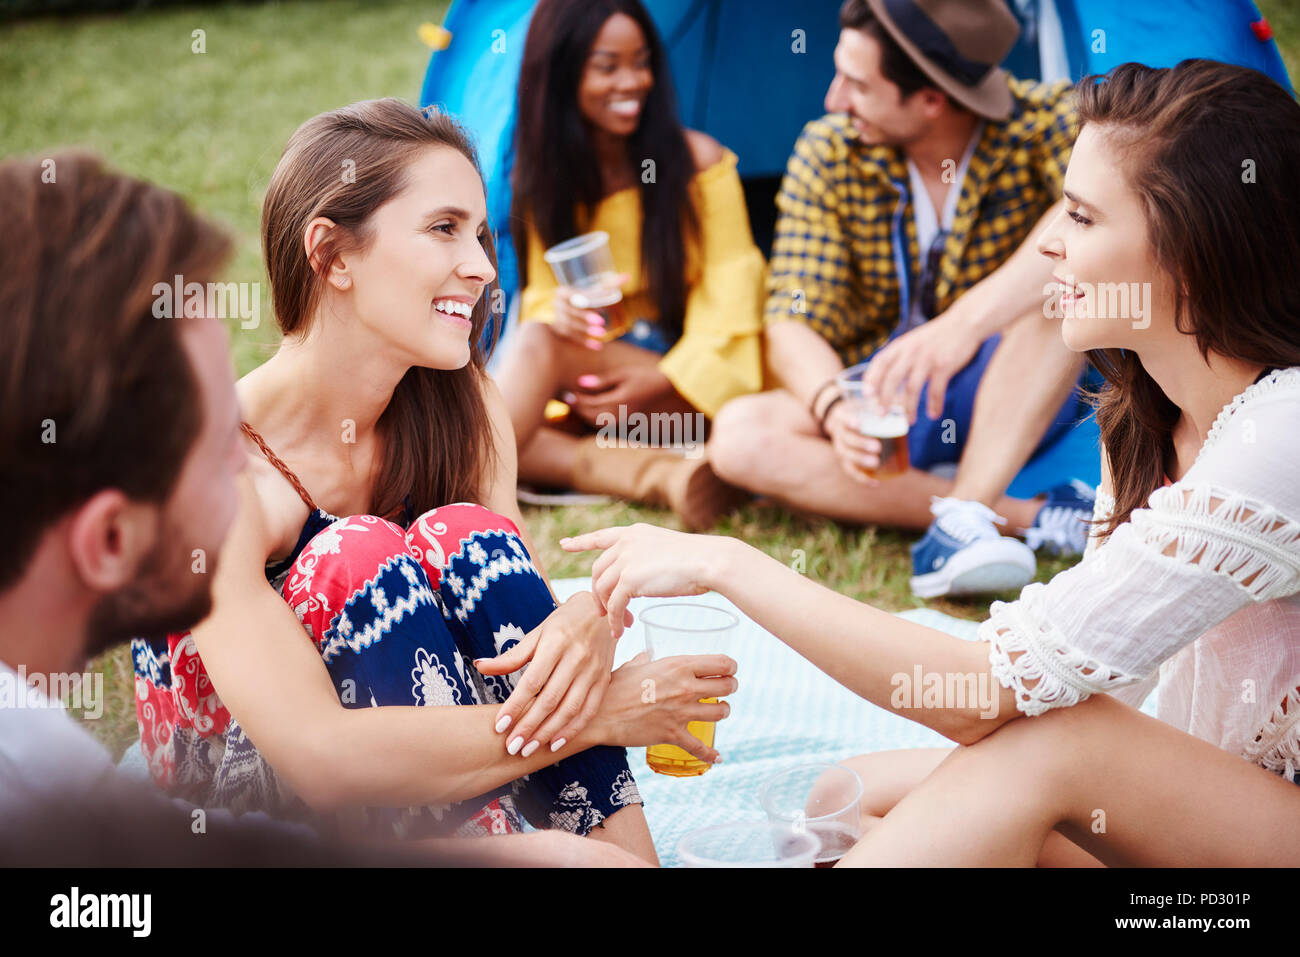 Amigos sentado y disfrutar del festival de música Imagen De Stock